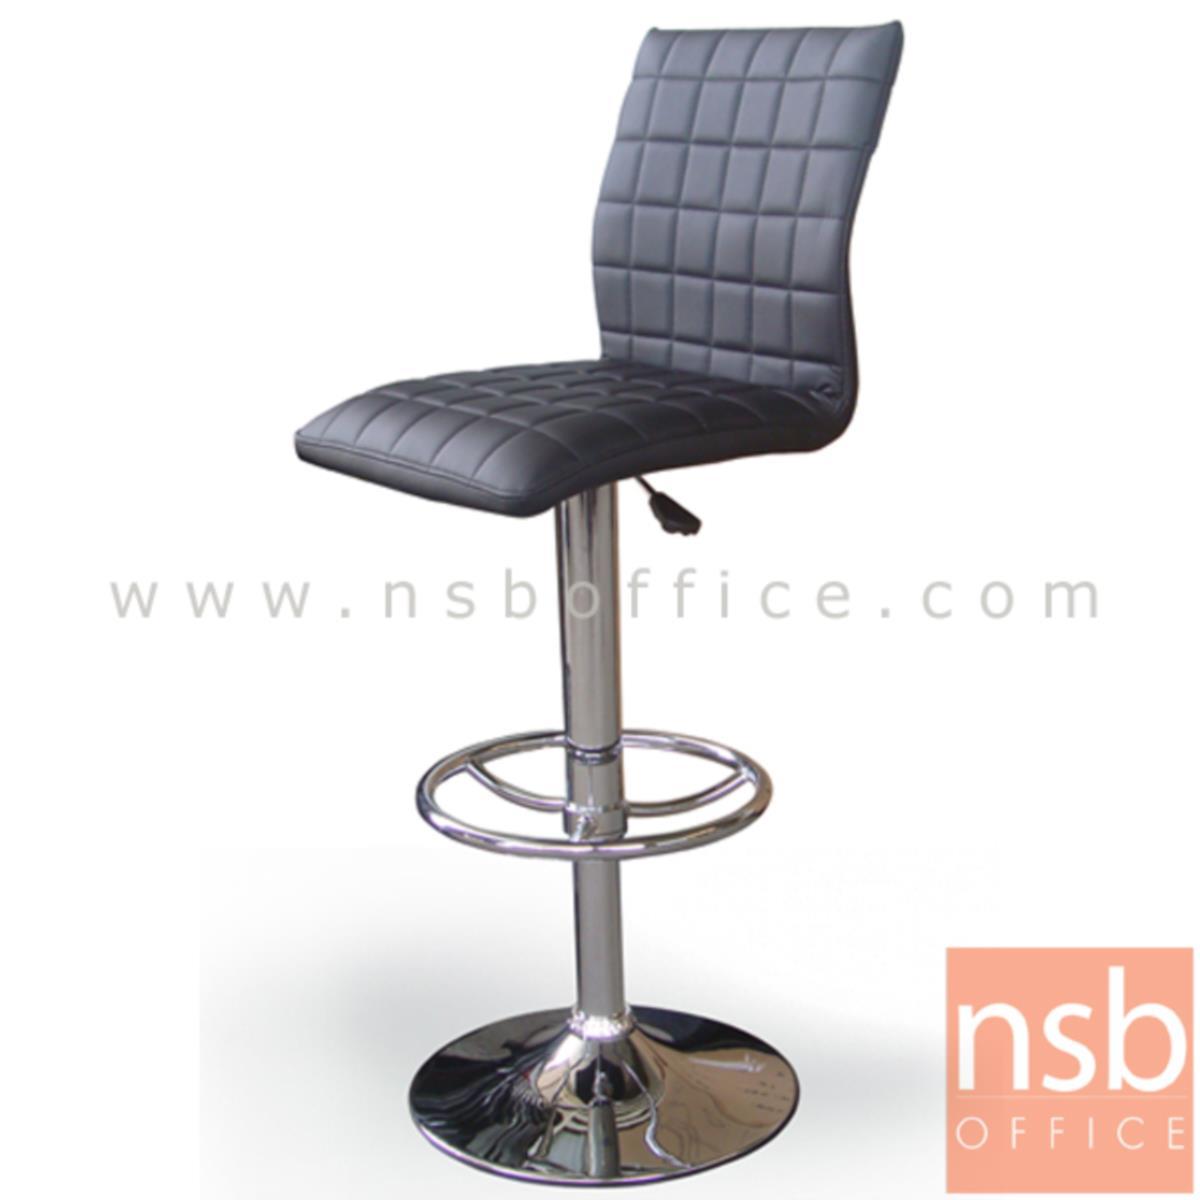 B18A015:เก้าอี้บาร์สูงหนังเทียม รุ่น Elrond (เอลรอนด์) ขนาด 41W cm. โช๊คแก๊ส ขาโครเมี่ยมฐานจานกลม